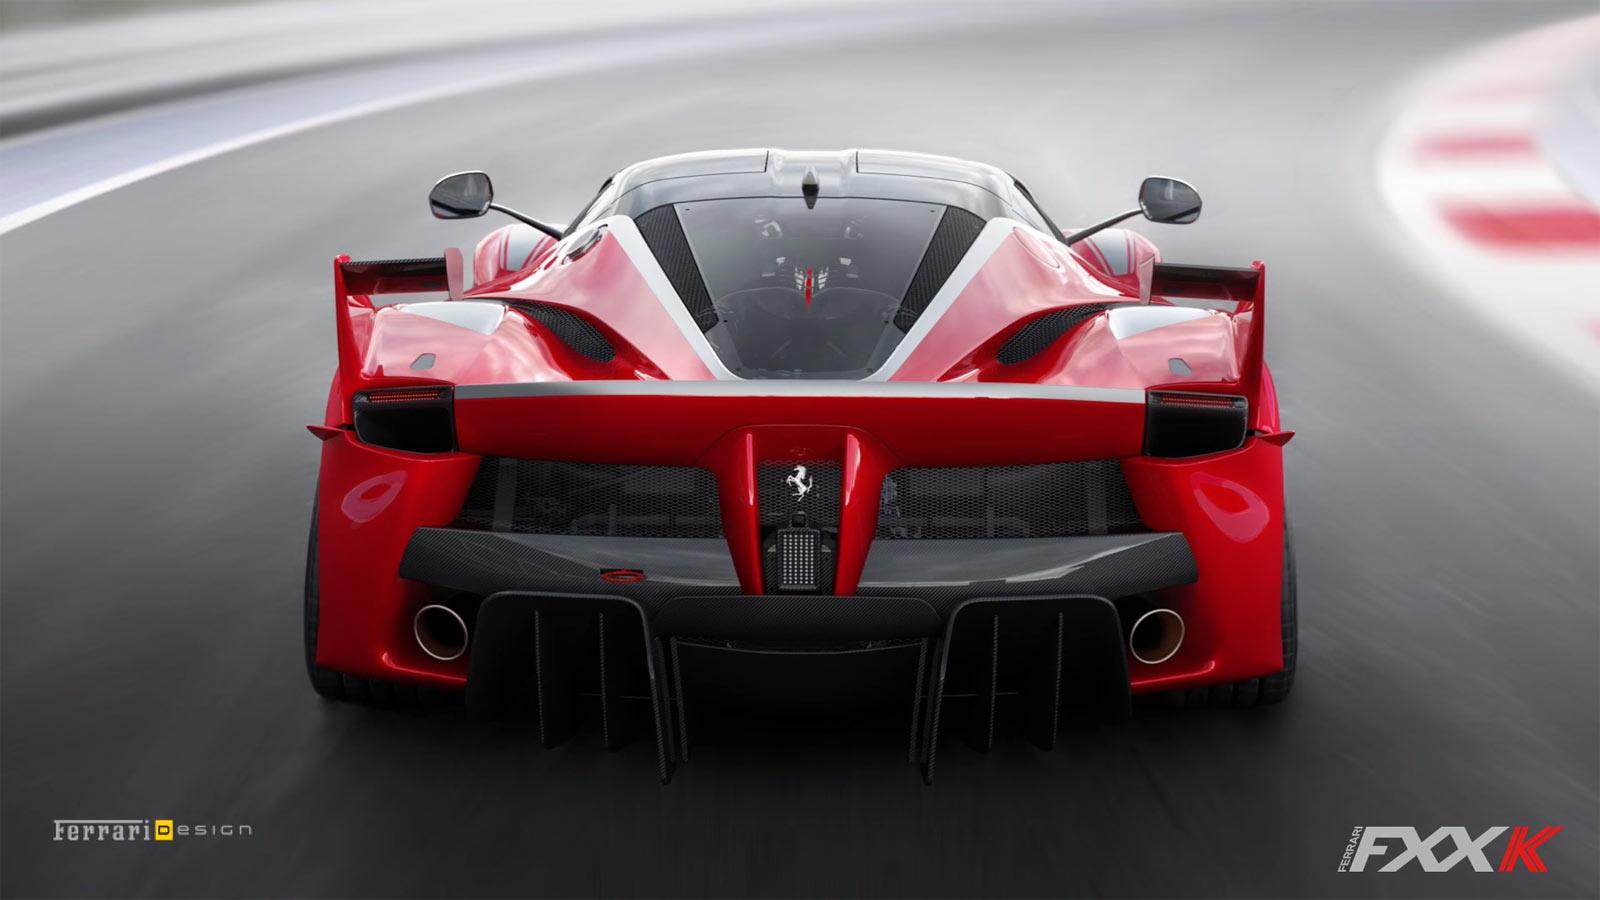 Ferrari Fxx K Rear End Car Body Design